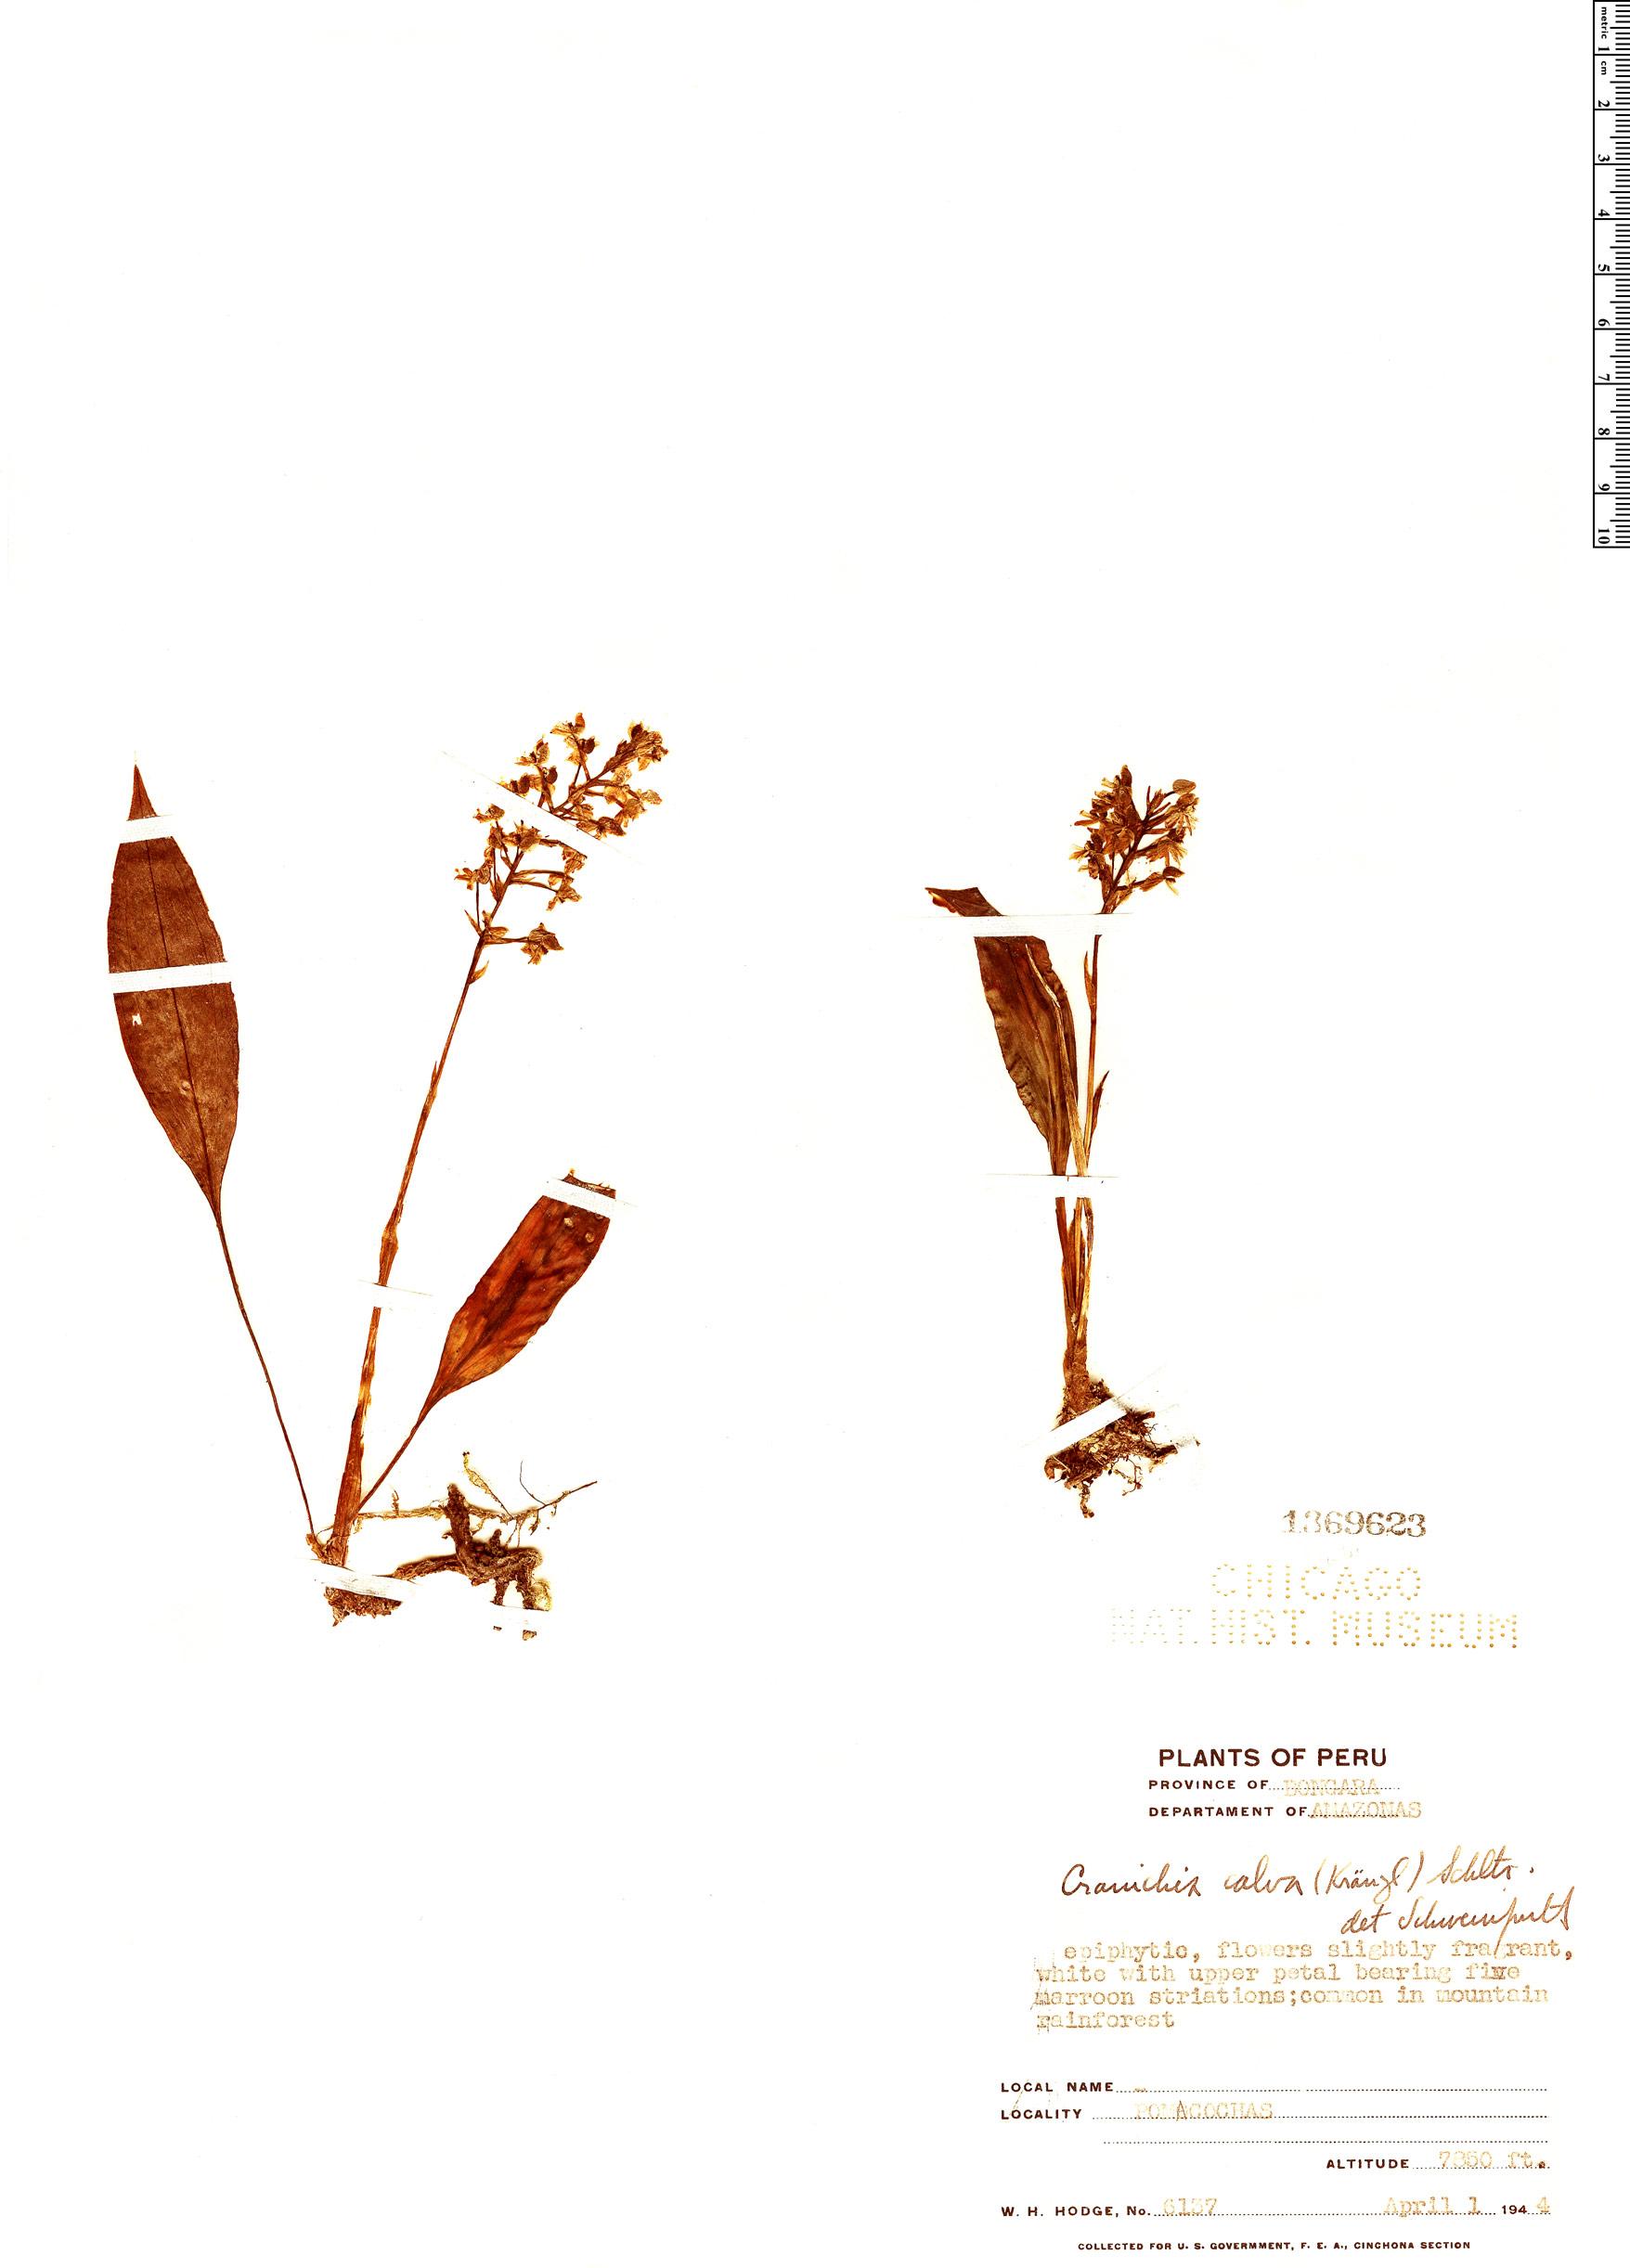 Specimen: Cranichis calva